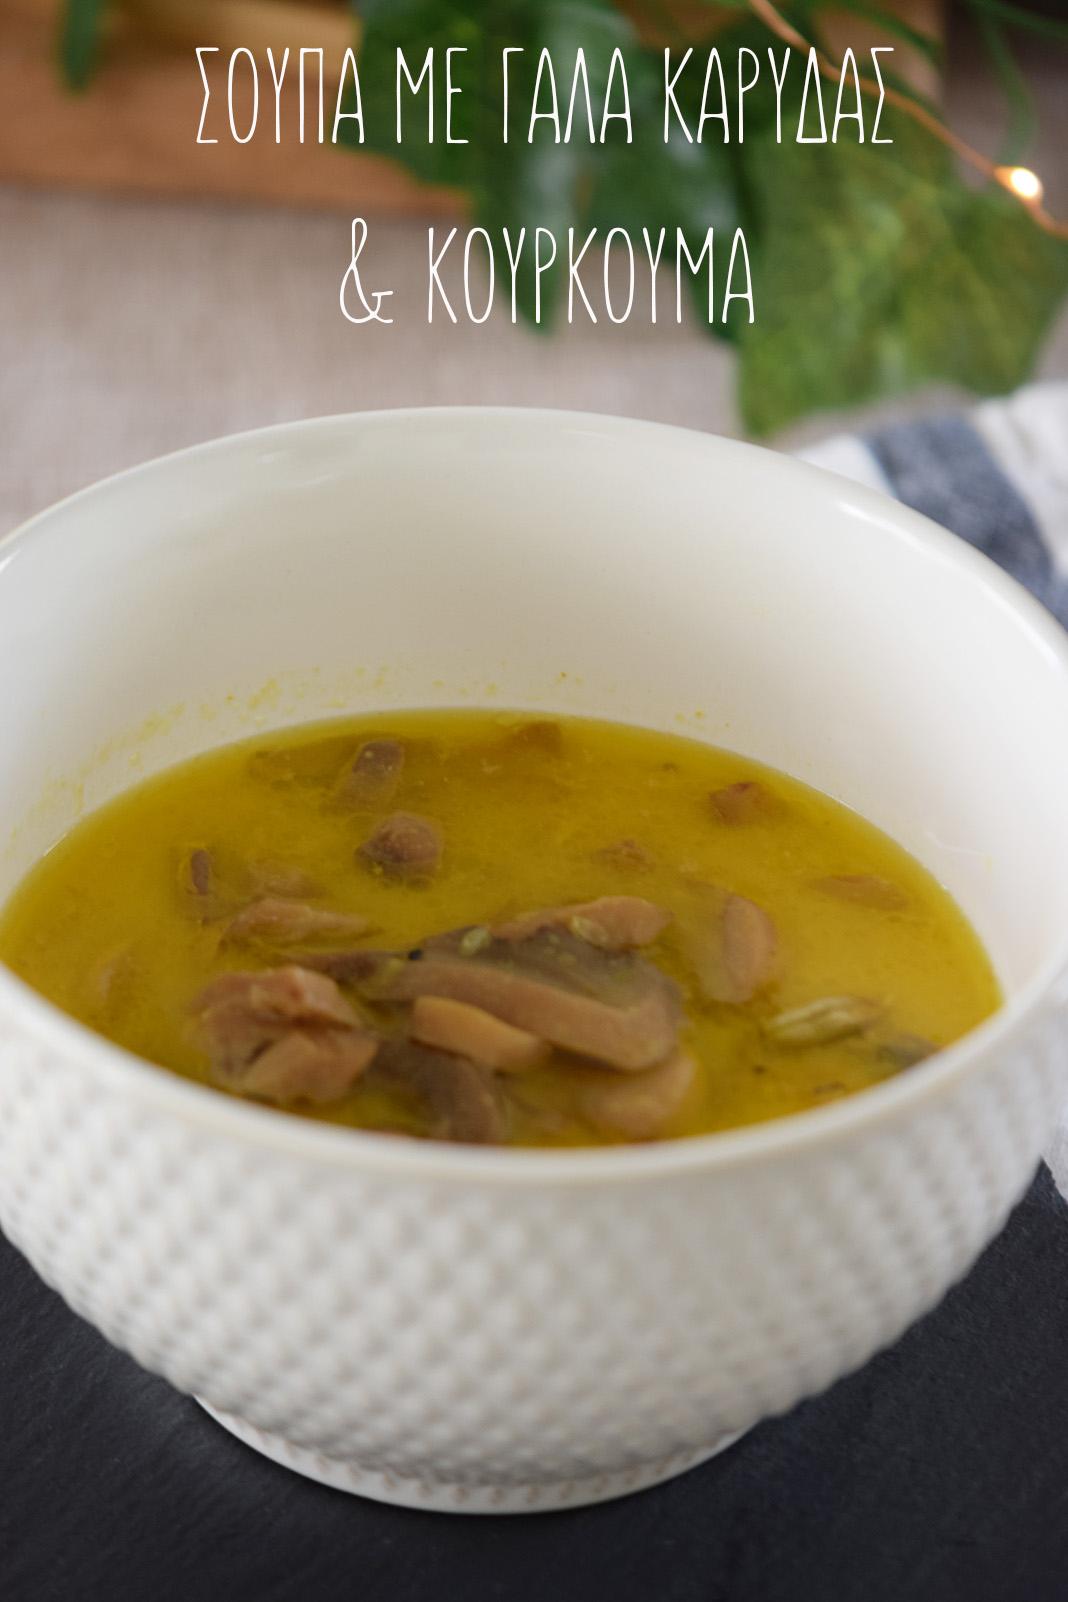 Δυναμωτική Νηστίσιμη Σούπα με κουρκουμά